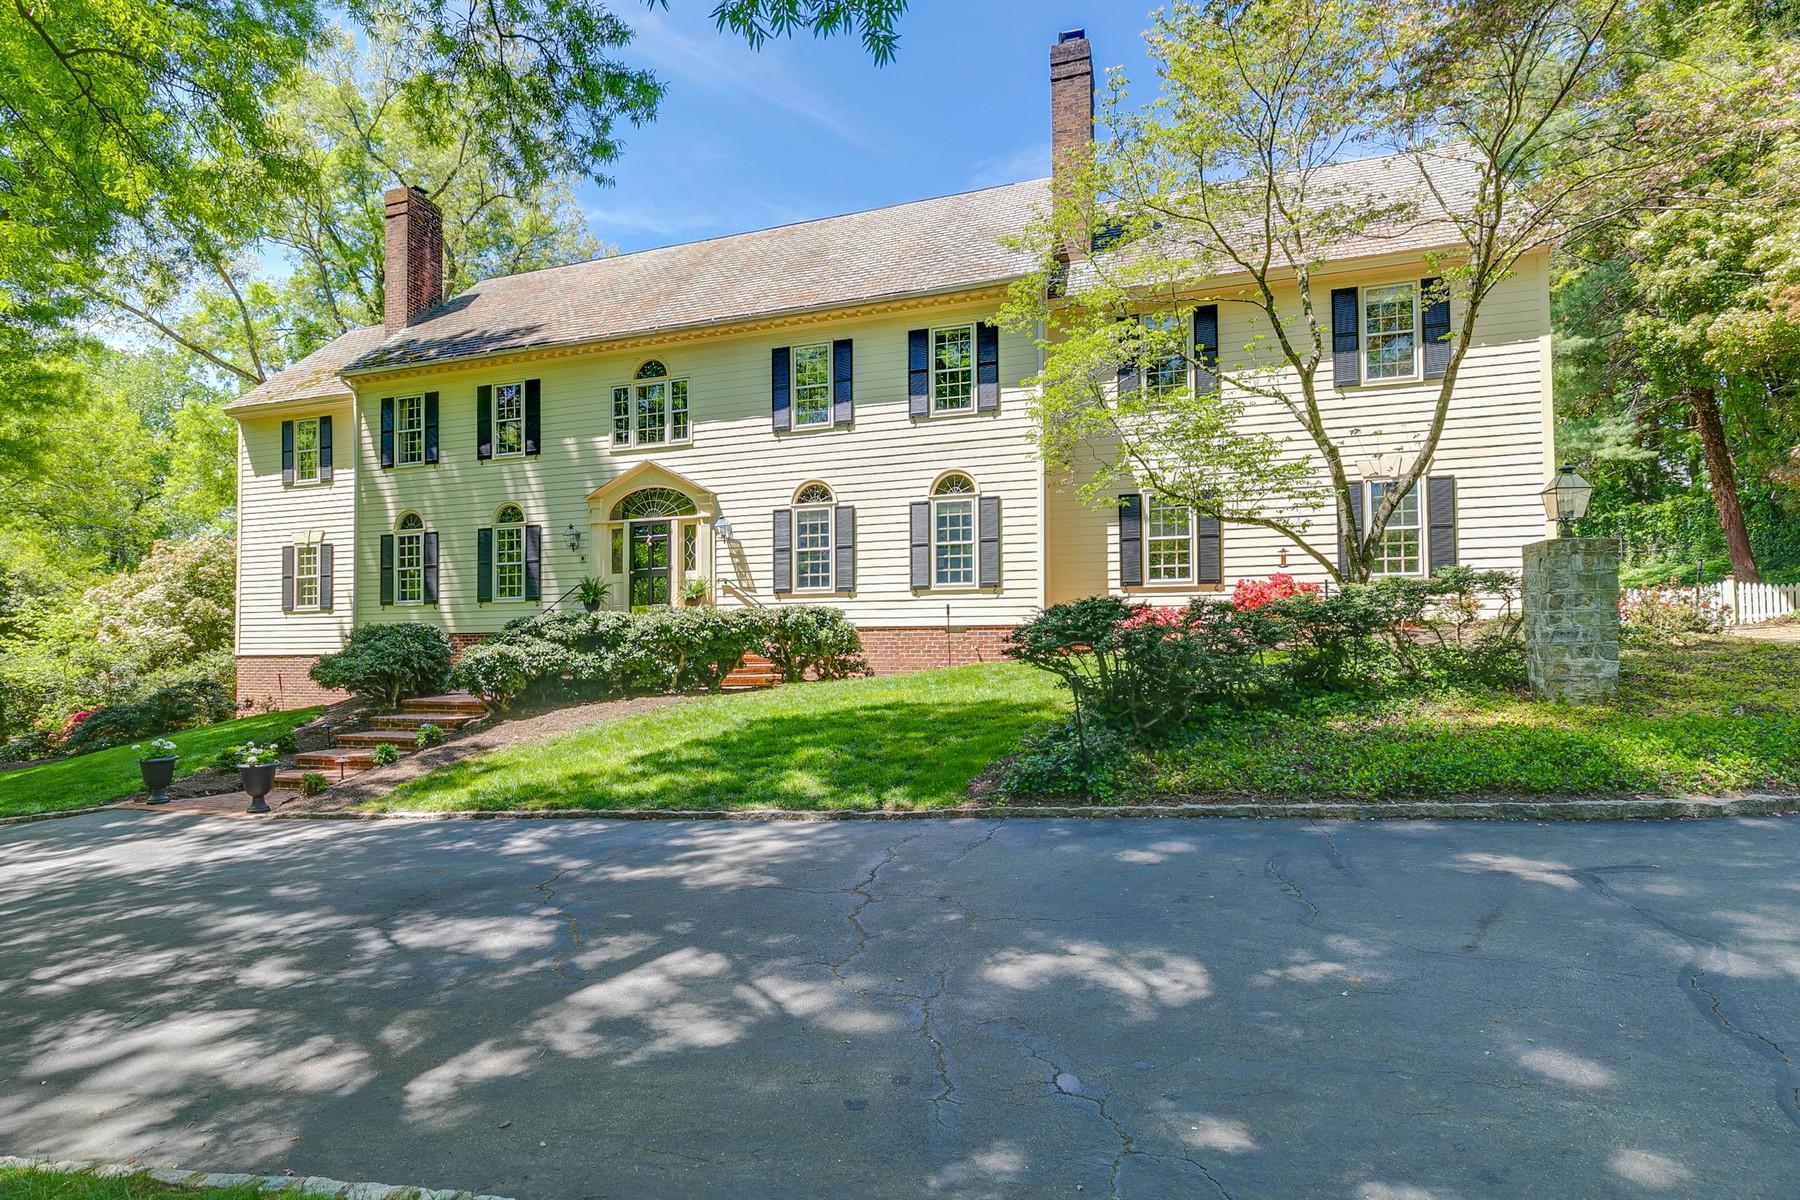 Частный односемейный дом для того Продажа на 104 E. Hillcrest Avenue Richmond, Виргиния 23226 Соединенные Штаты